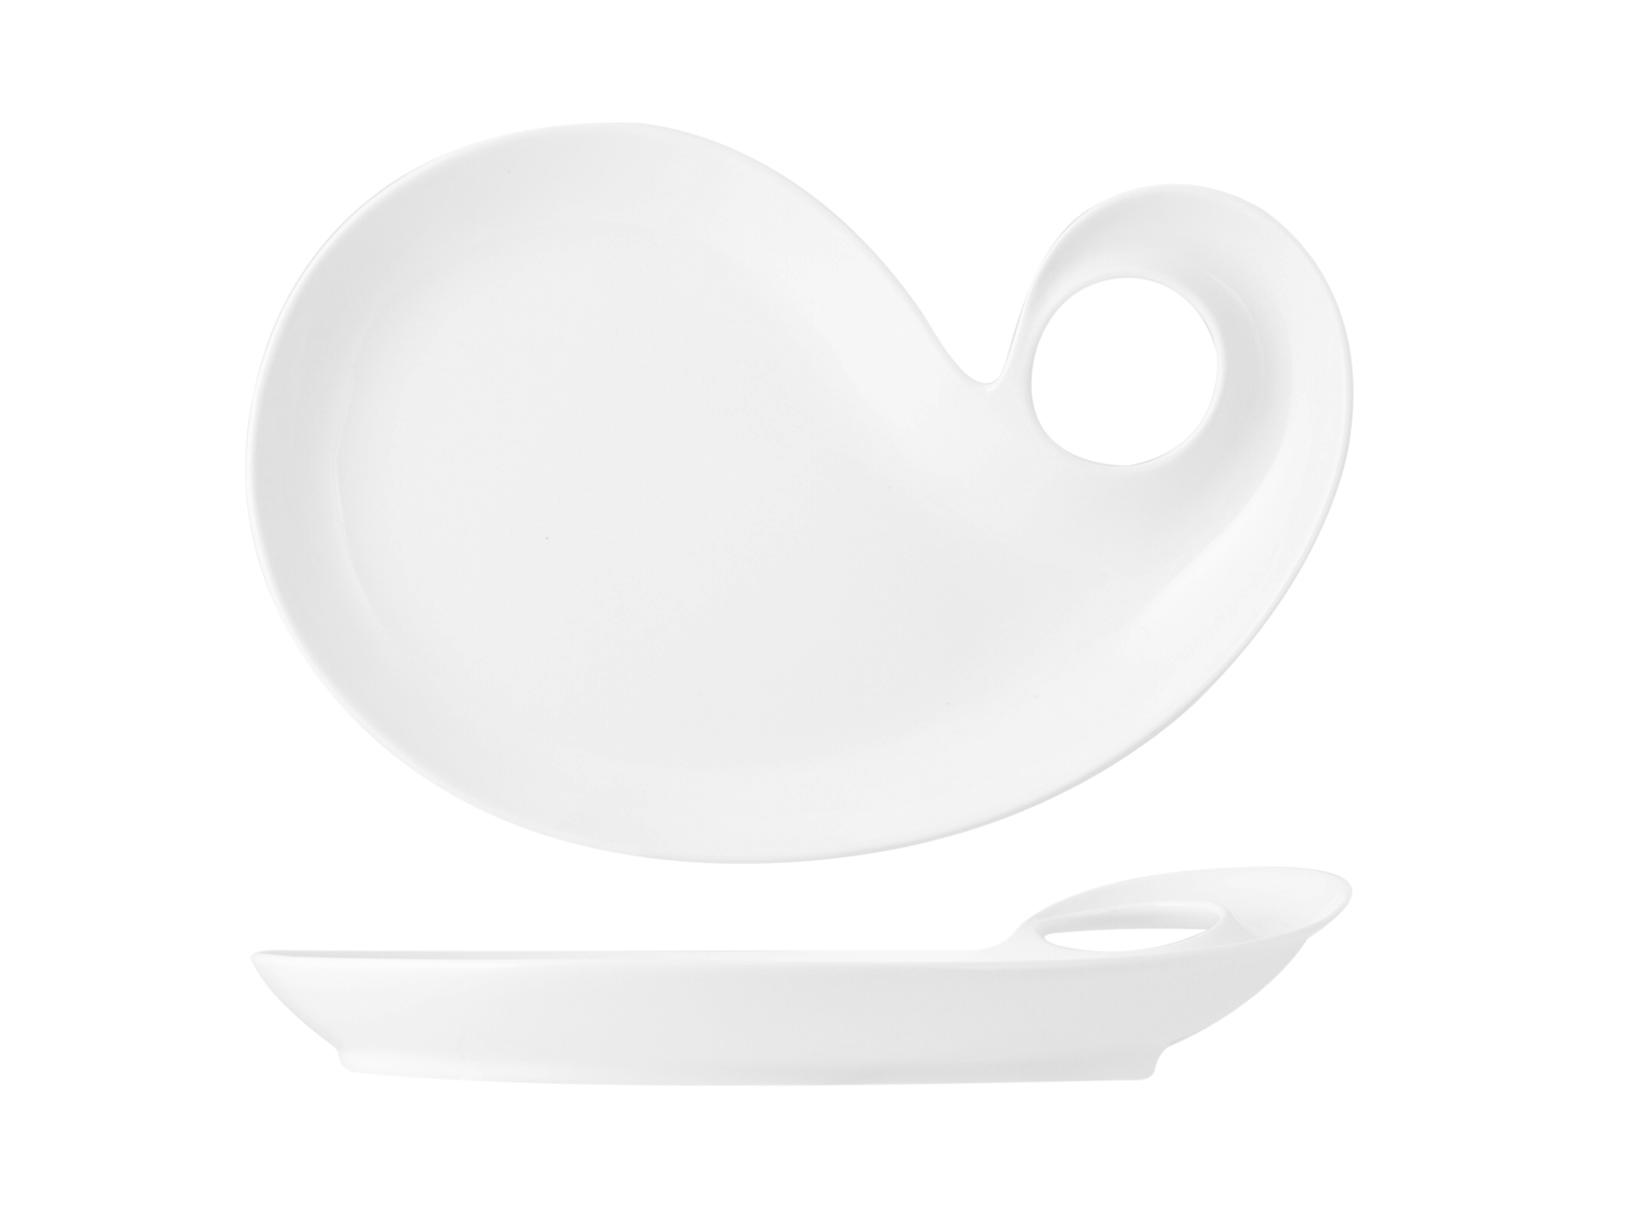 Acquista Piatto Porcellana Goccia Cm24 17527918 | Glooke.com